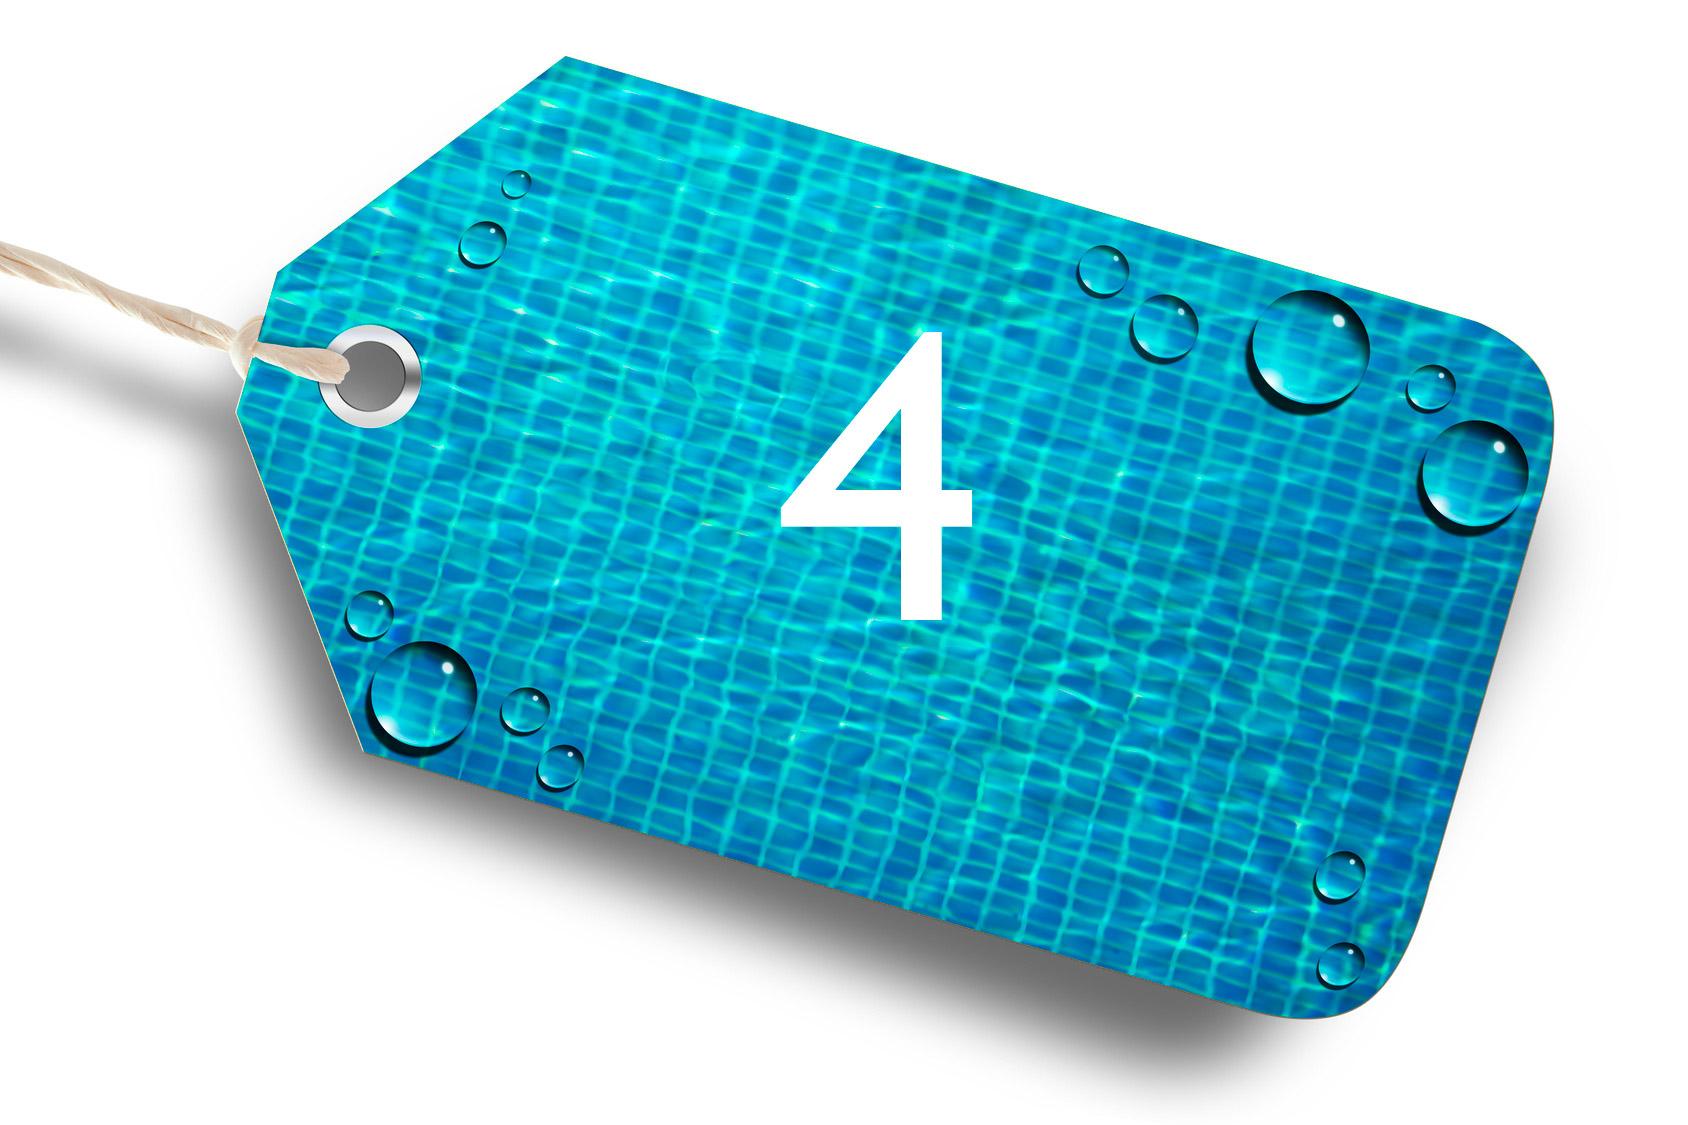 etiquette portant le chiffre 4 avec en fond une représentation d'un fond de piscine